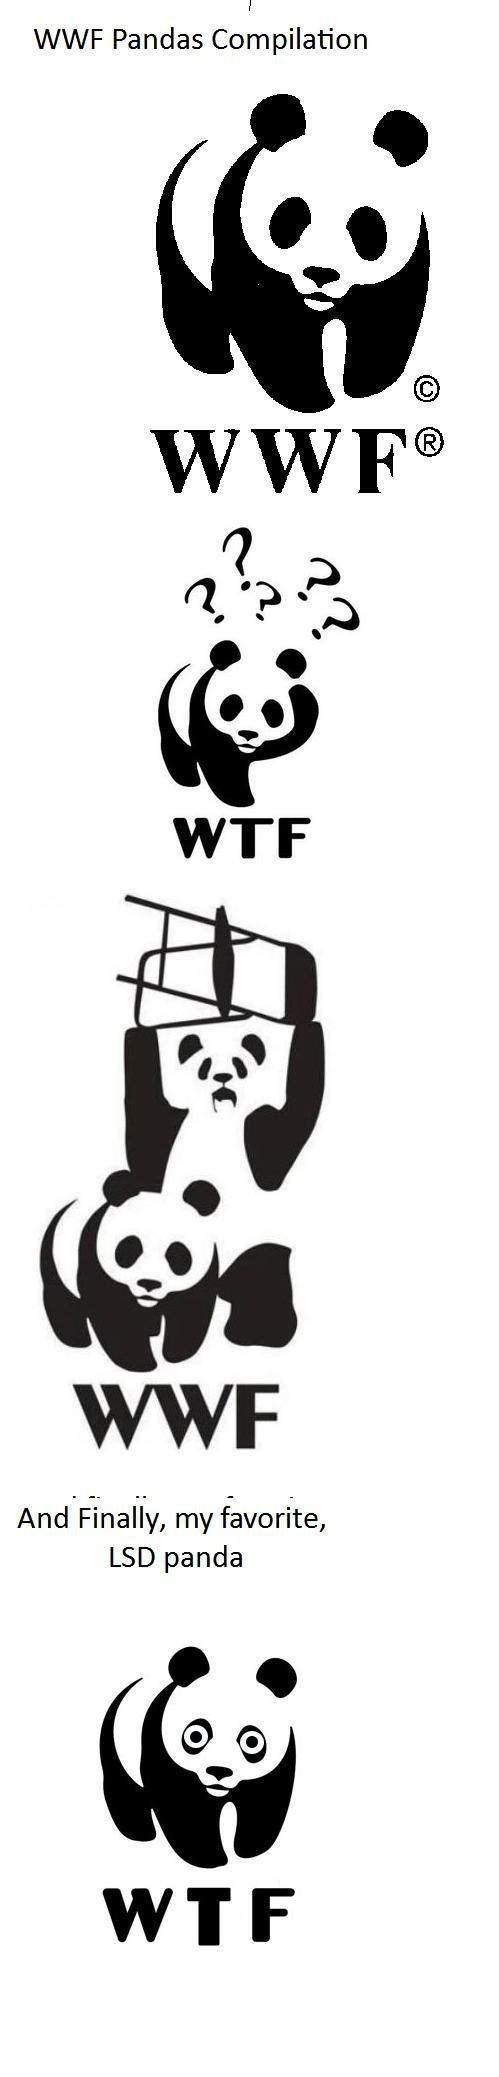 WWF Pandas. . WWF Pandas Compilation LSD panda. yeah